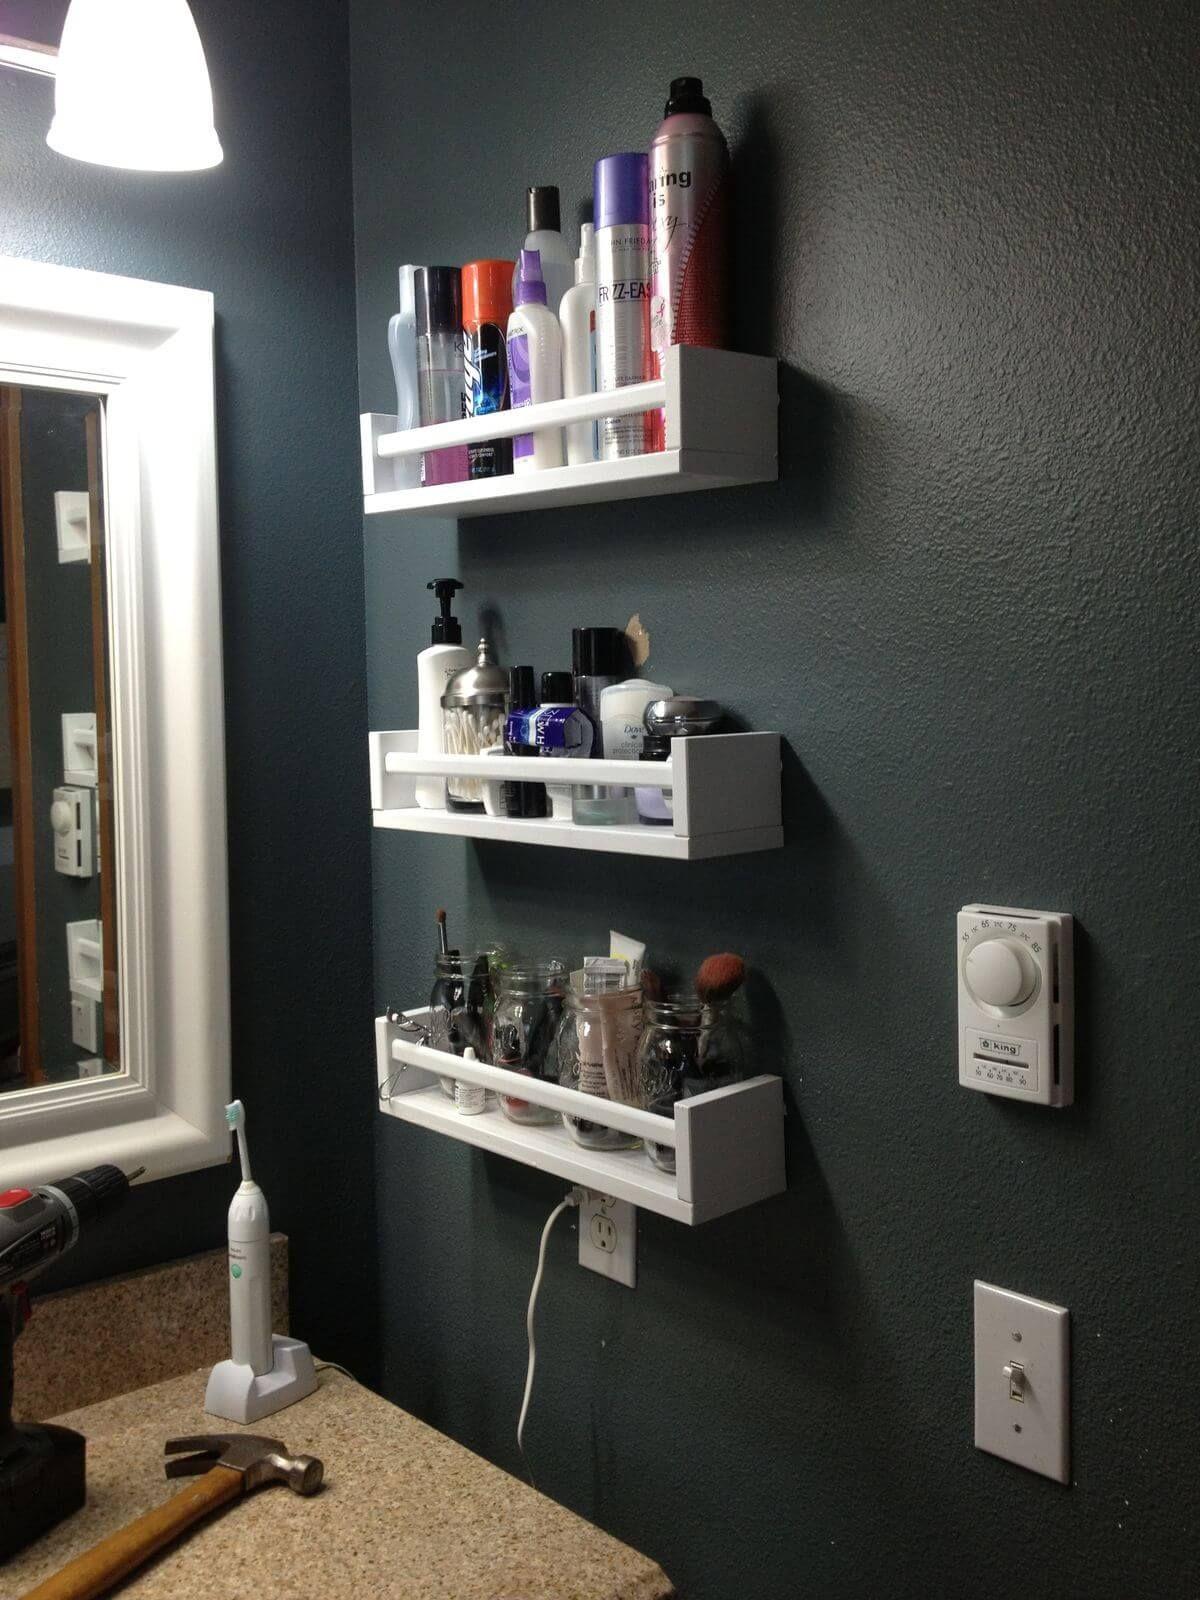 diy shelf ideas for bathroom%0A    Unique Storage Ideas for a Small Bathroom to Make Yours Bigger